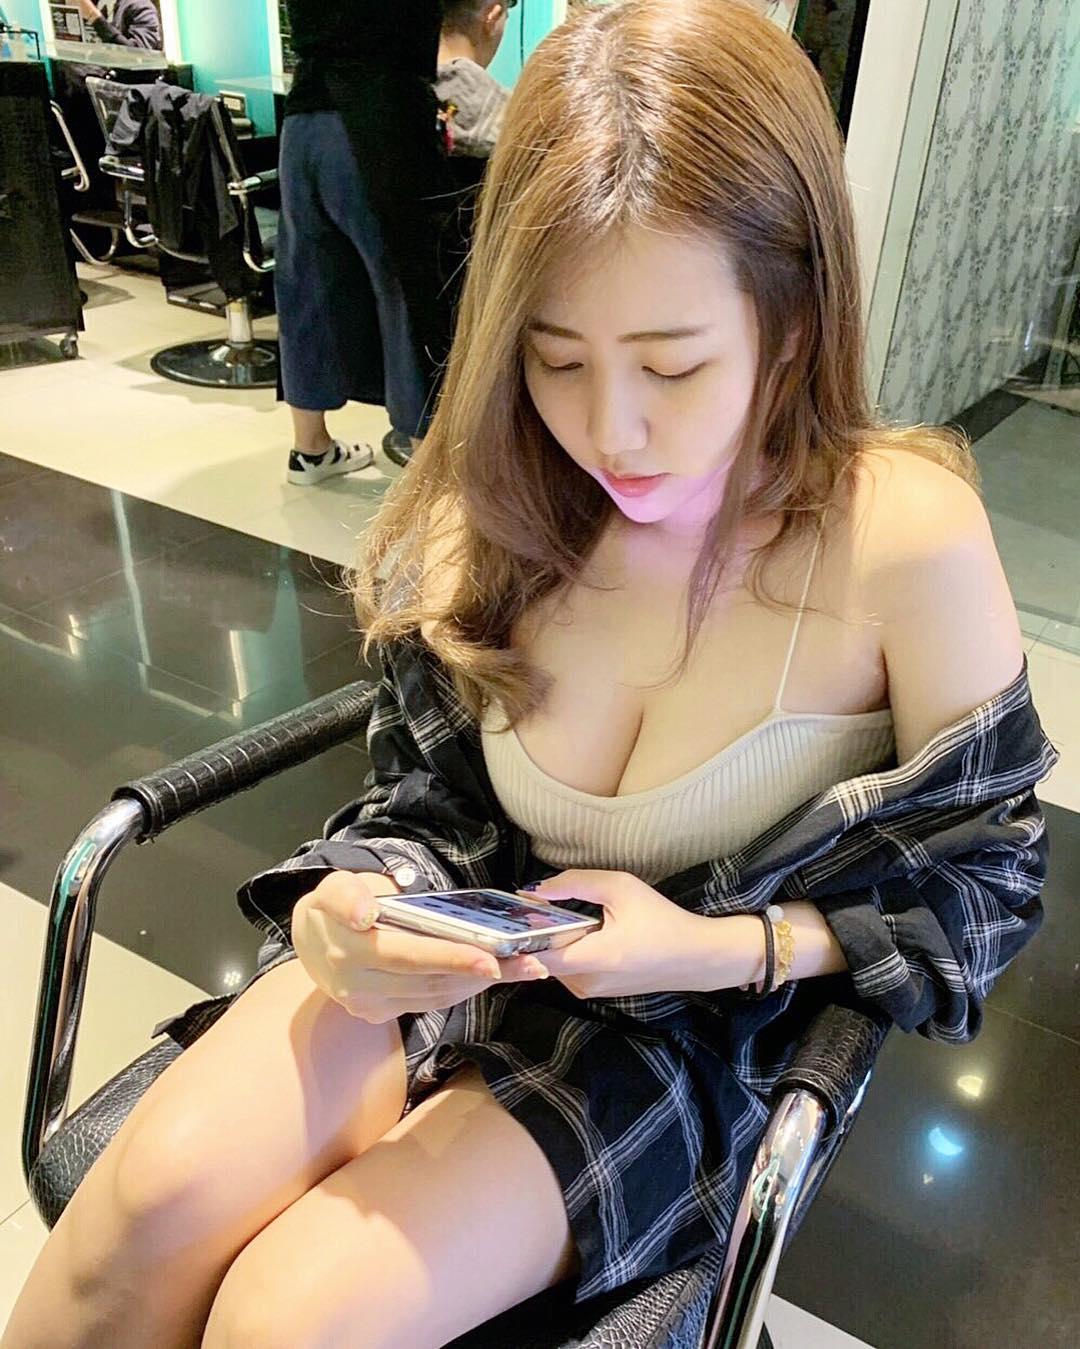 甜美妹子「夏筠婷」不吝啬分享火辣曲线